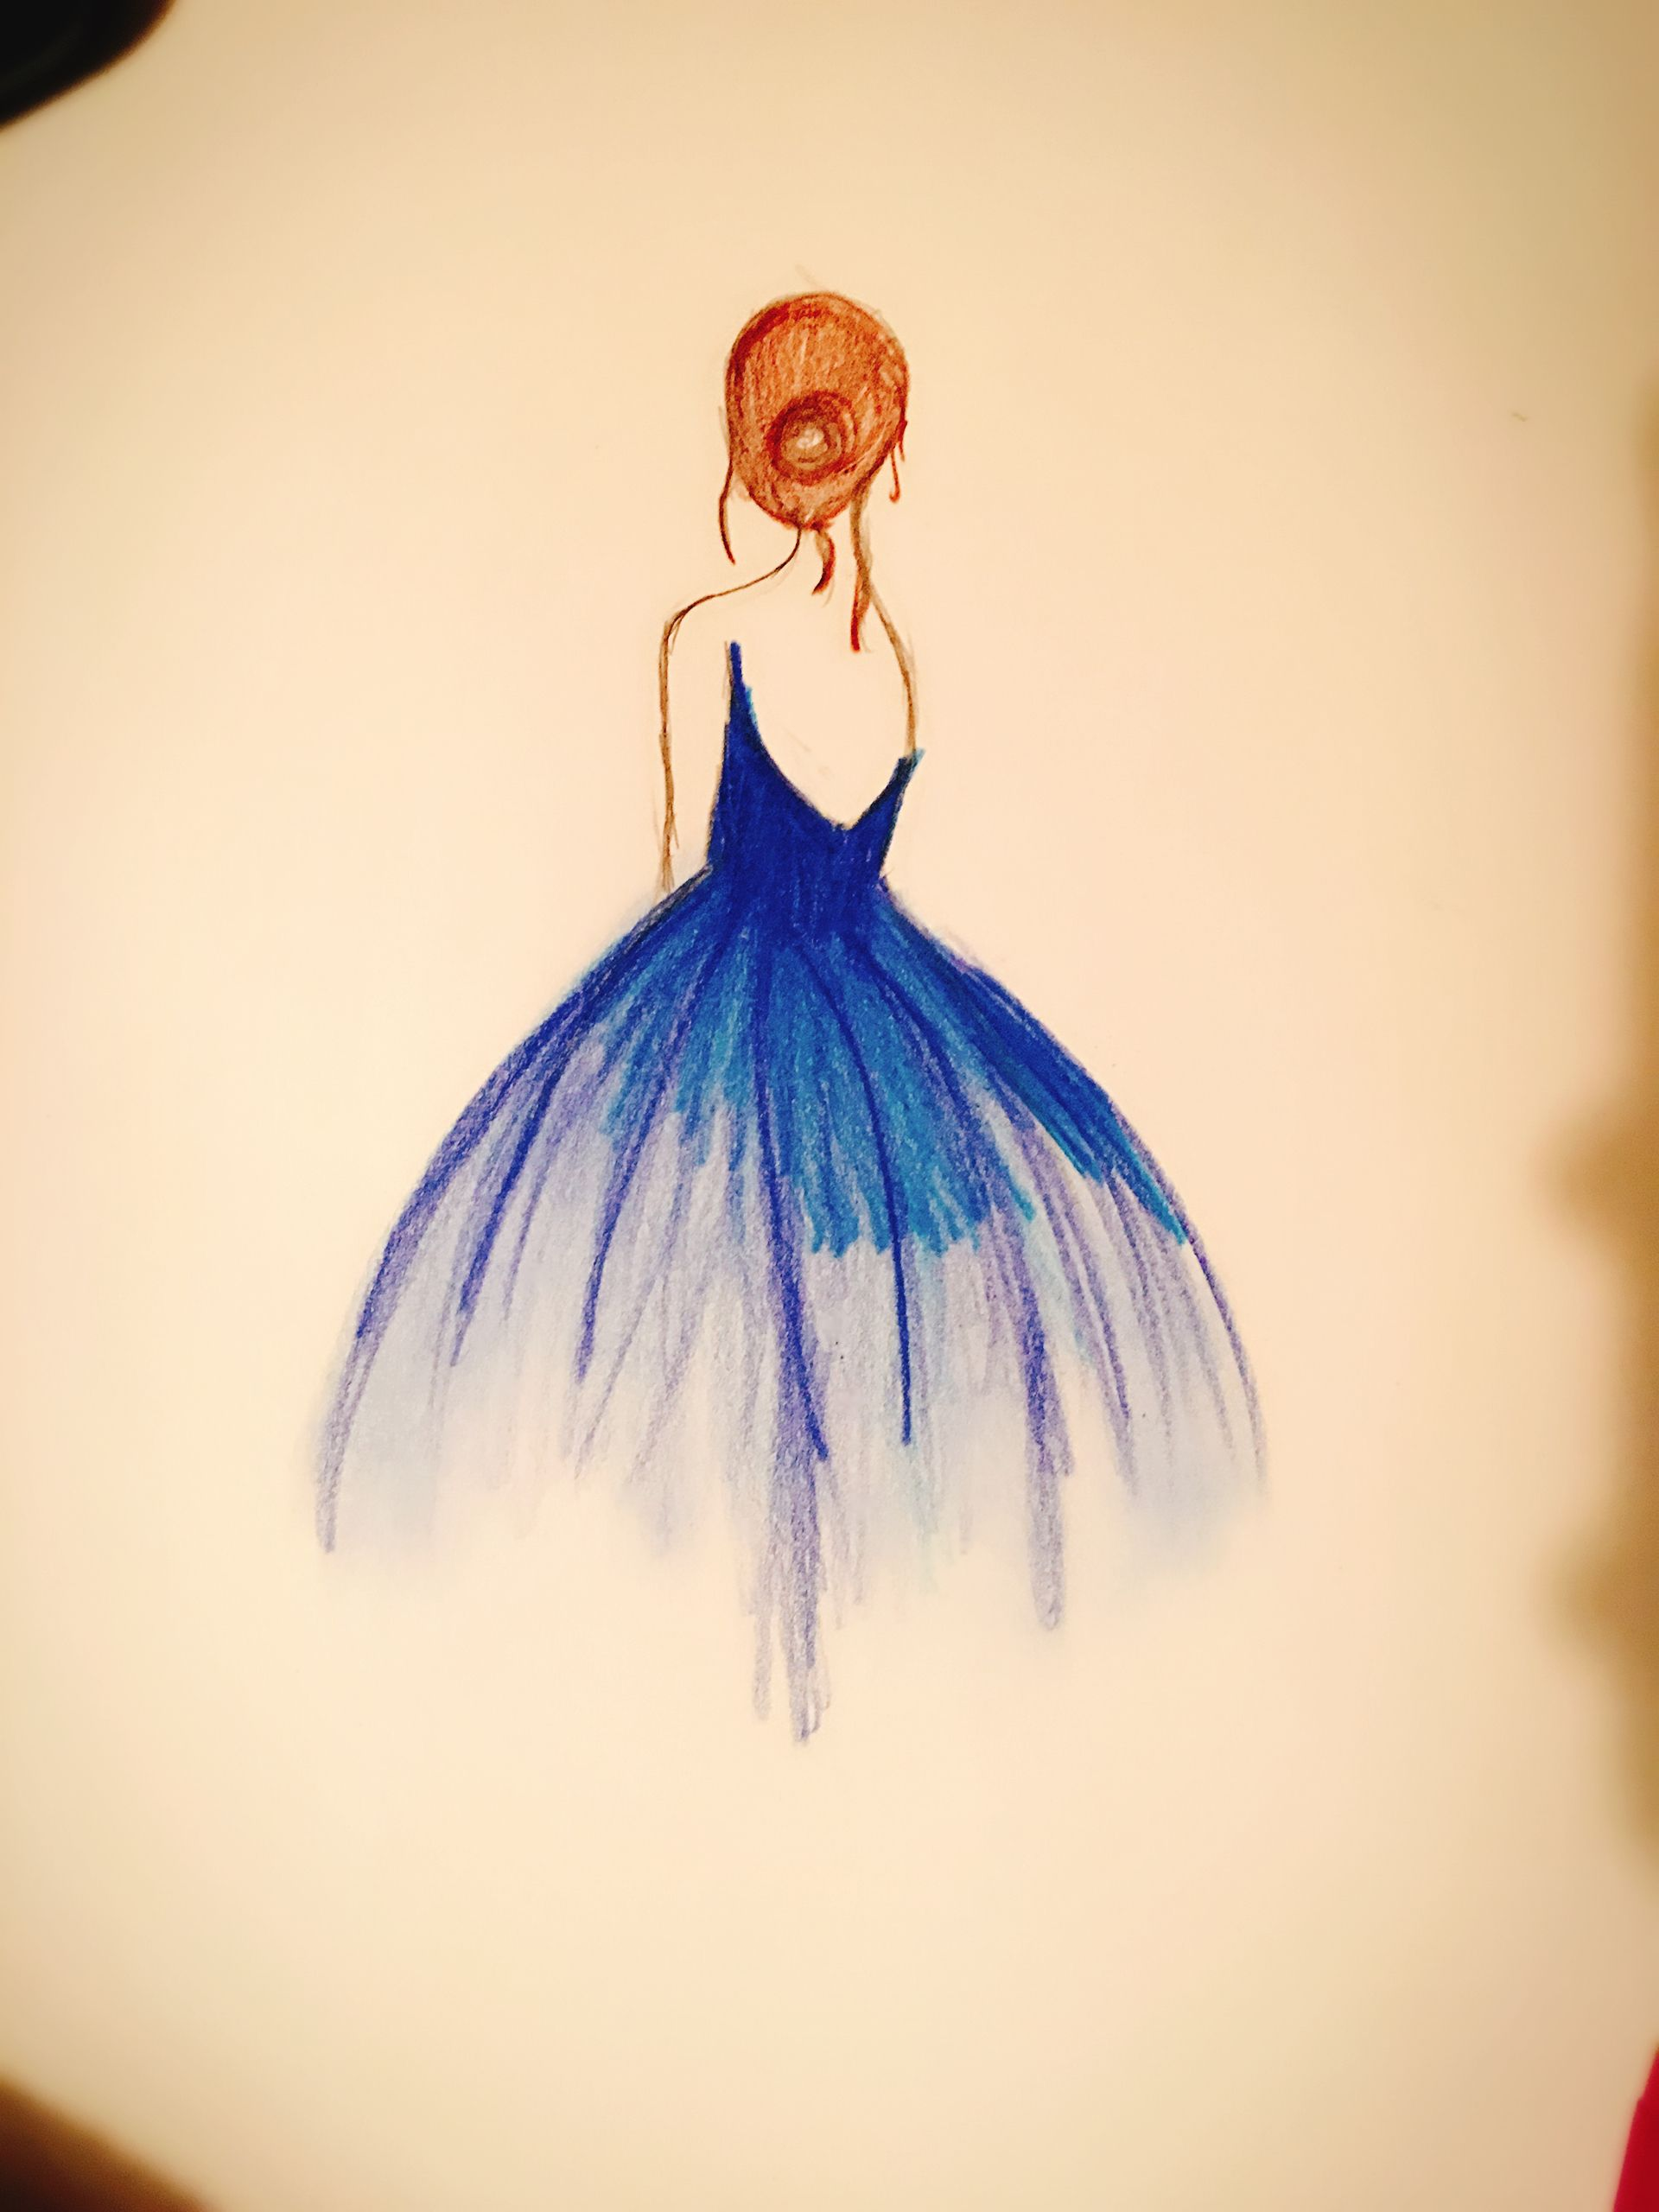 Pin by Amna Rizwa on arts | Pinterest | Dance moms girls, People ...